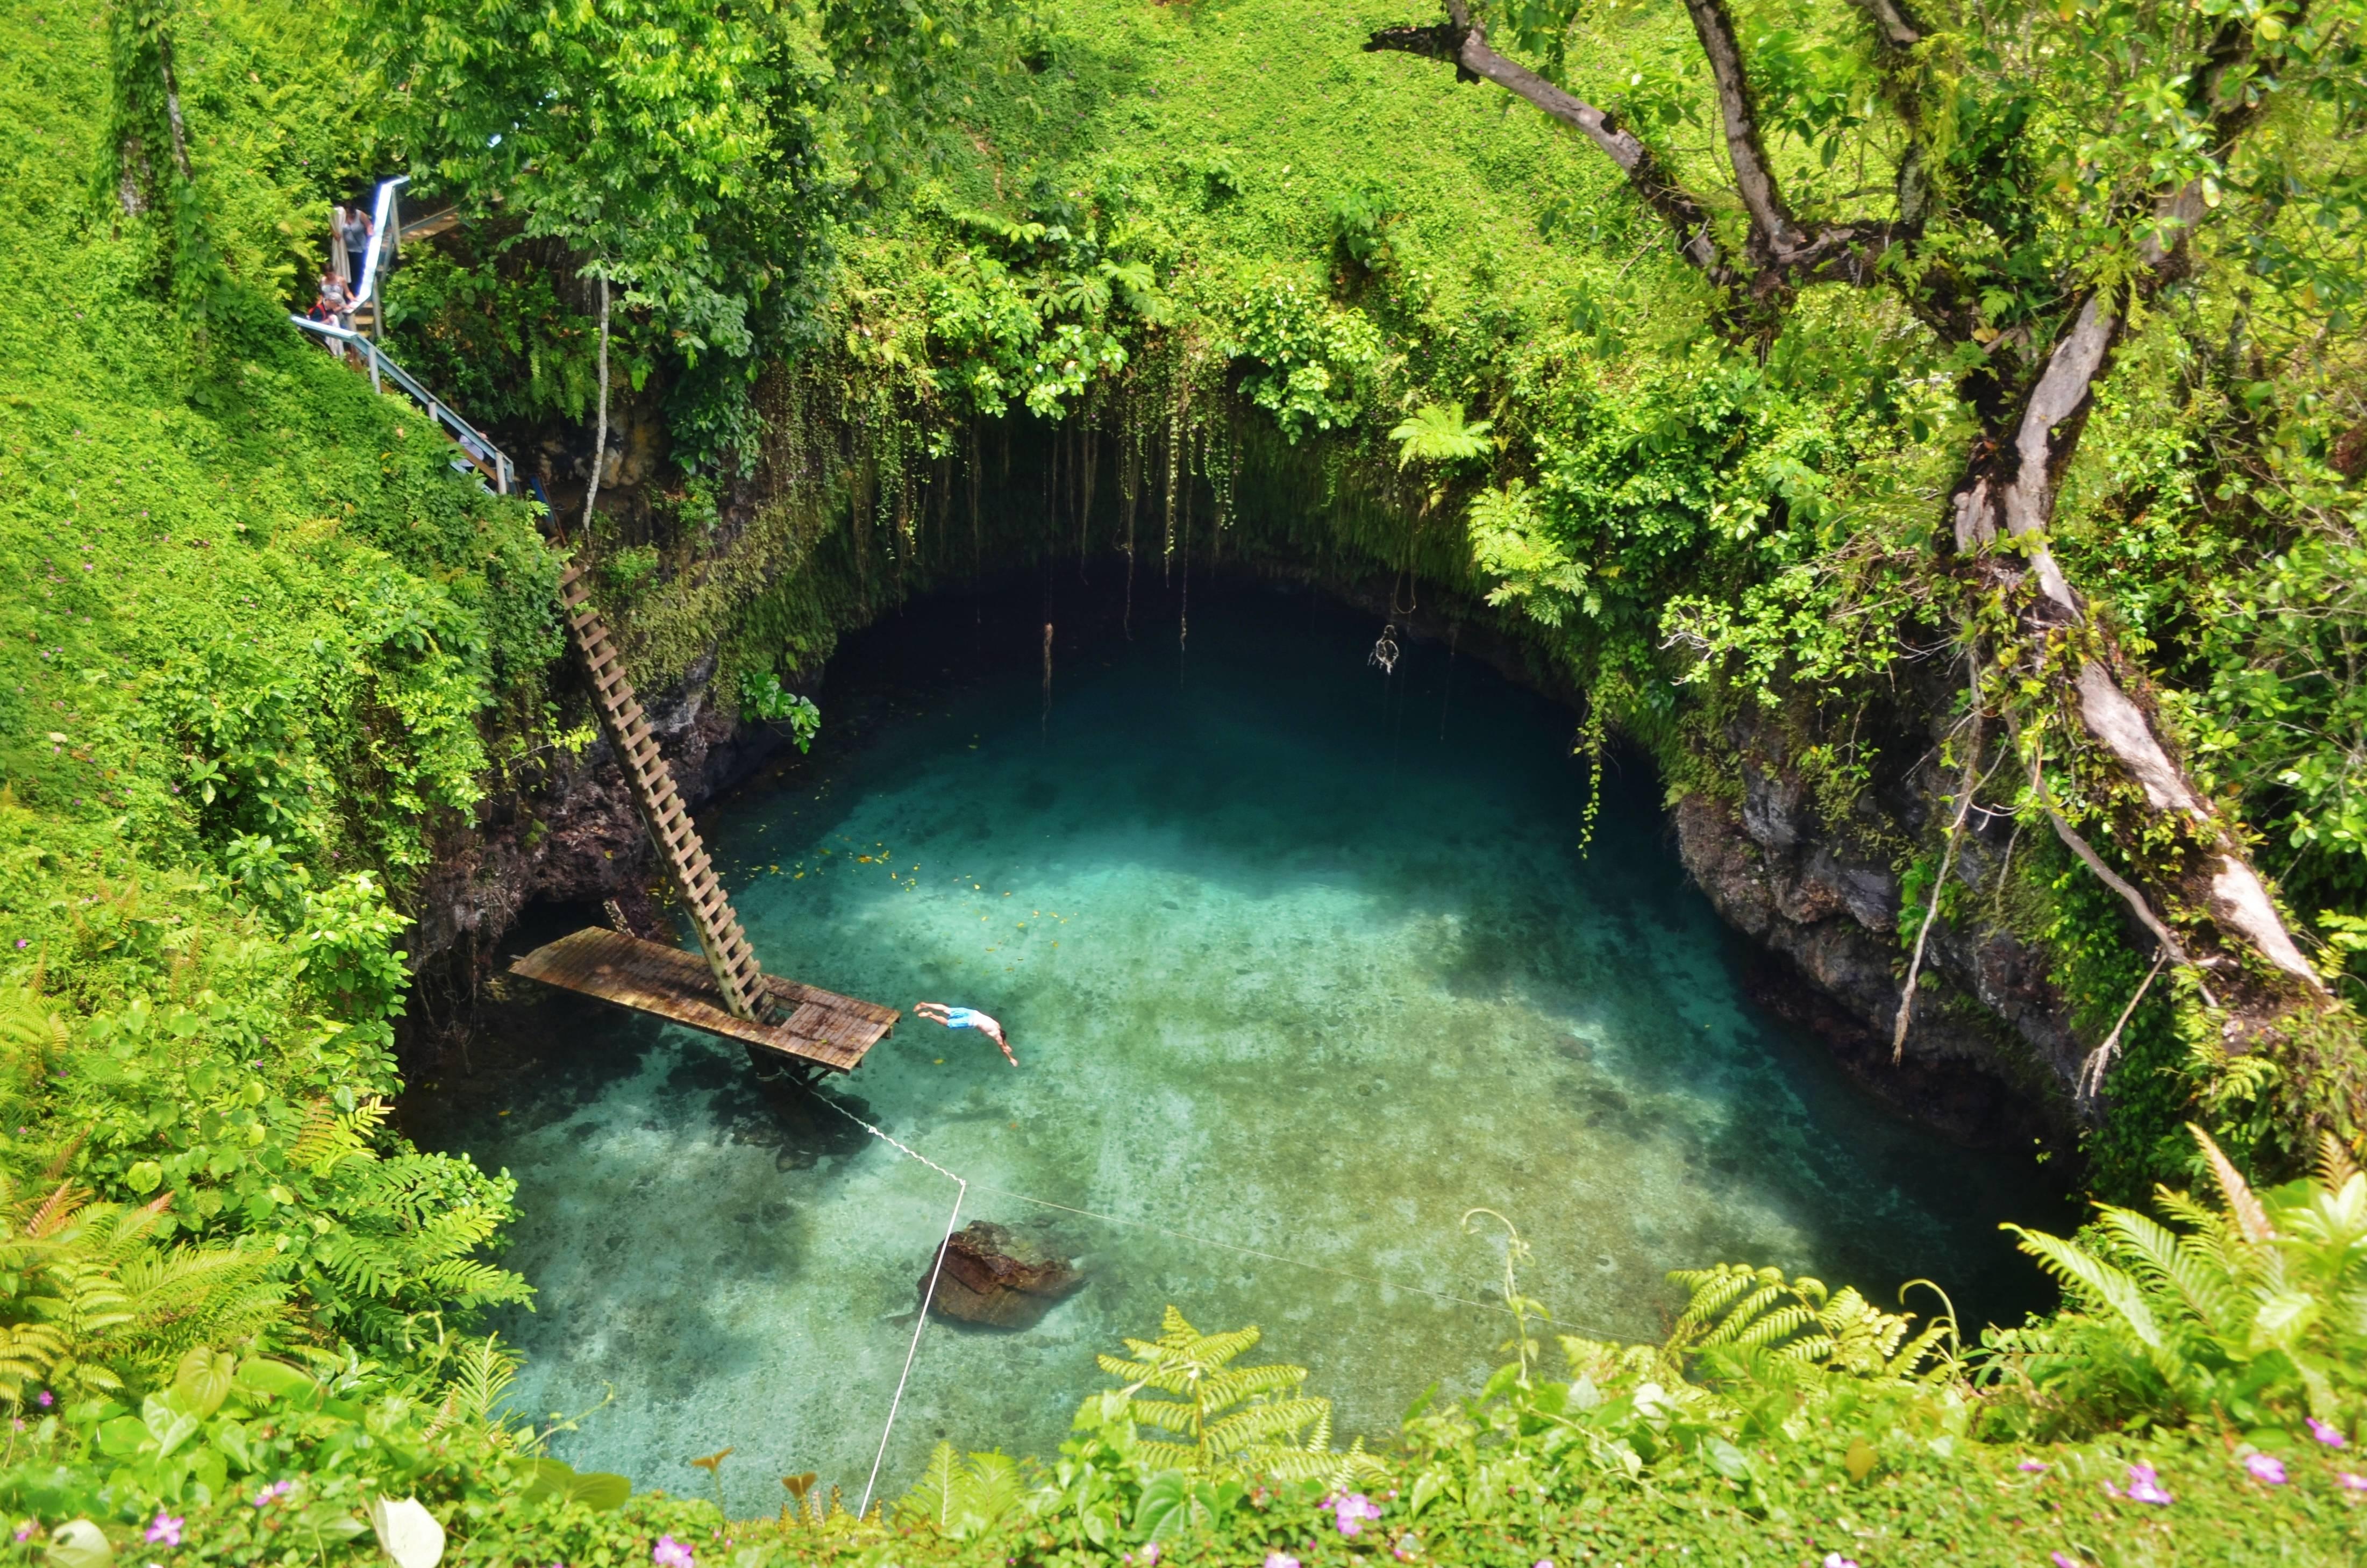 Photo 1: Une piscine turquoise naturelle inédite